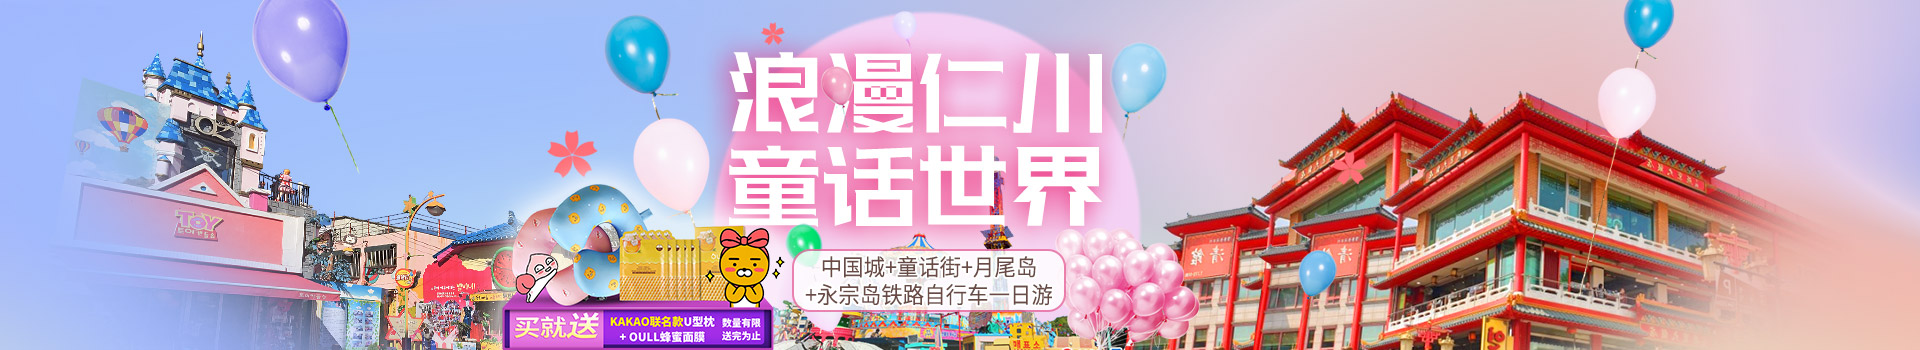 仁川童话世界,中国城,童话街,月尾岛,永宗岛铁路自行车